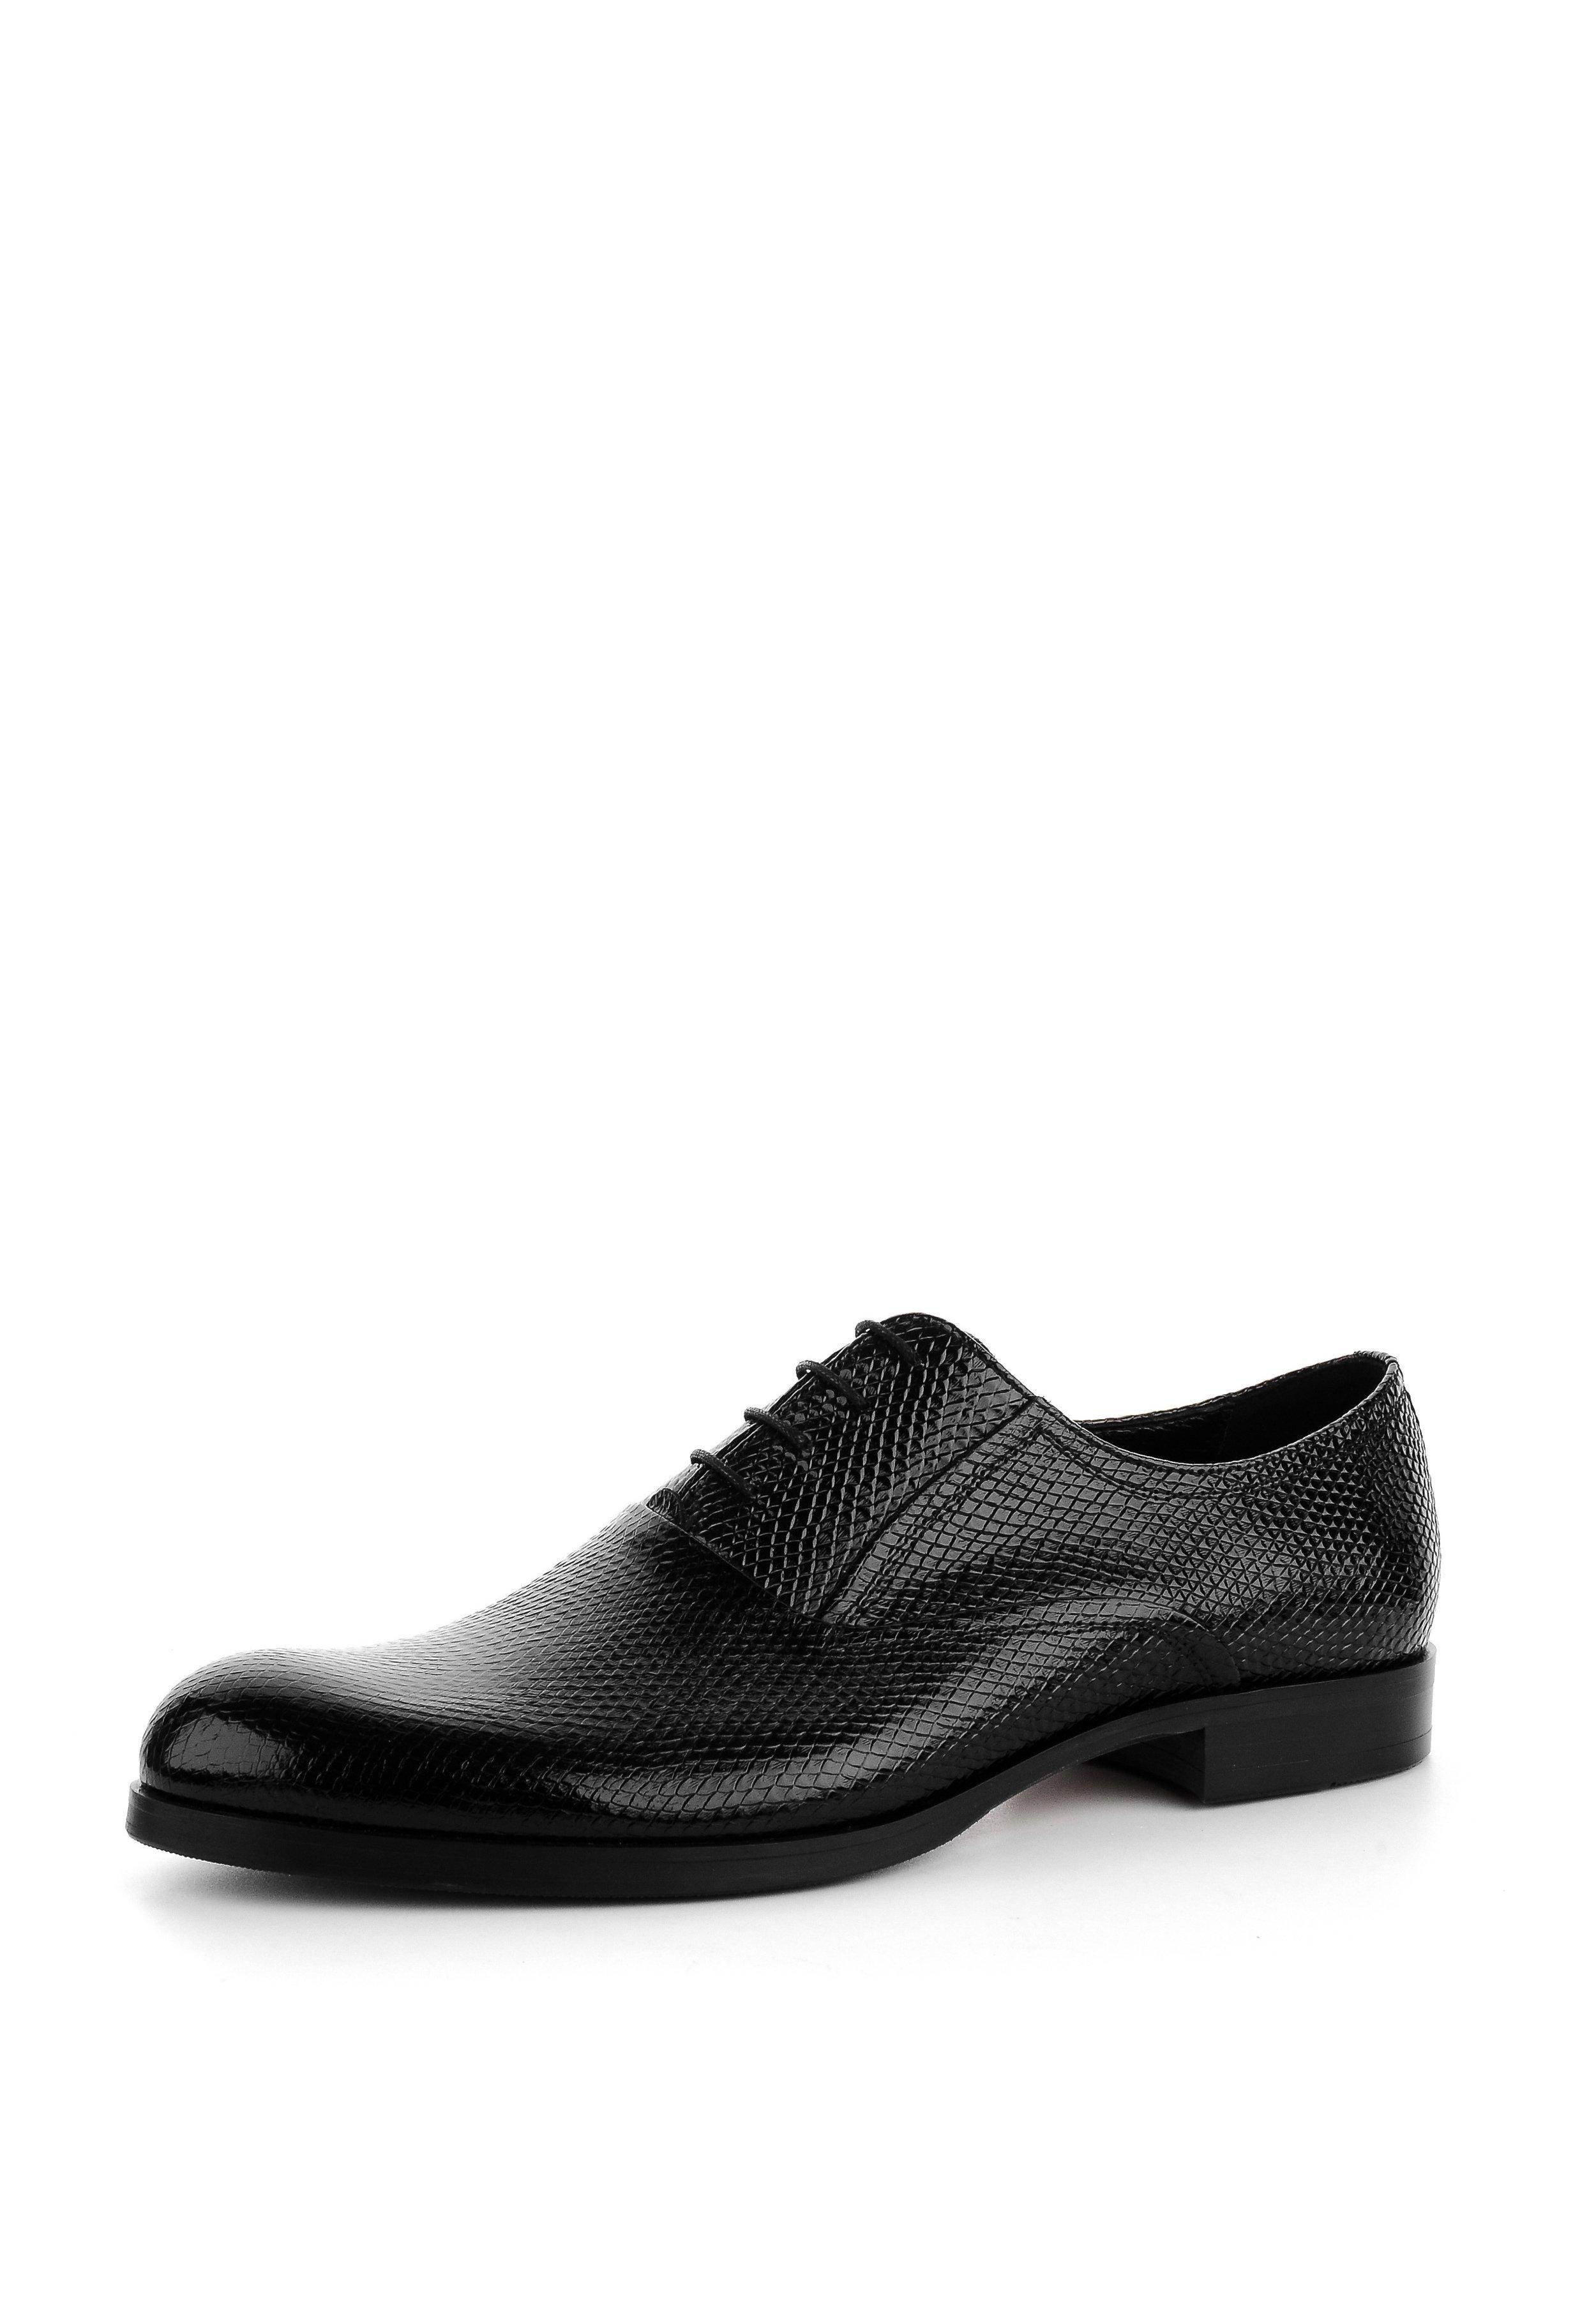 Prima Moda Auditore - Derbies & Richelieus Black nfXfCTq